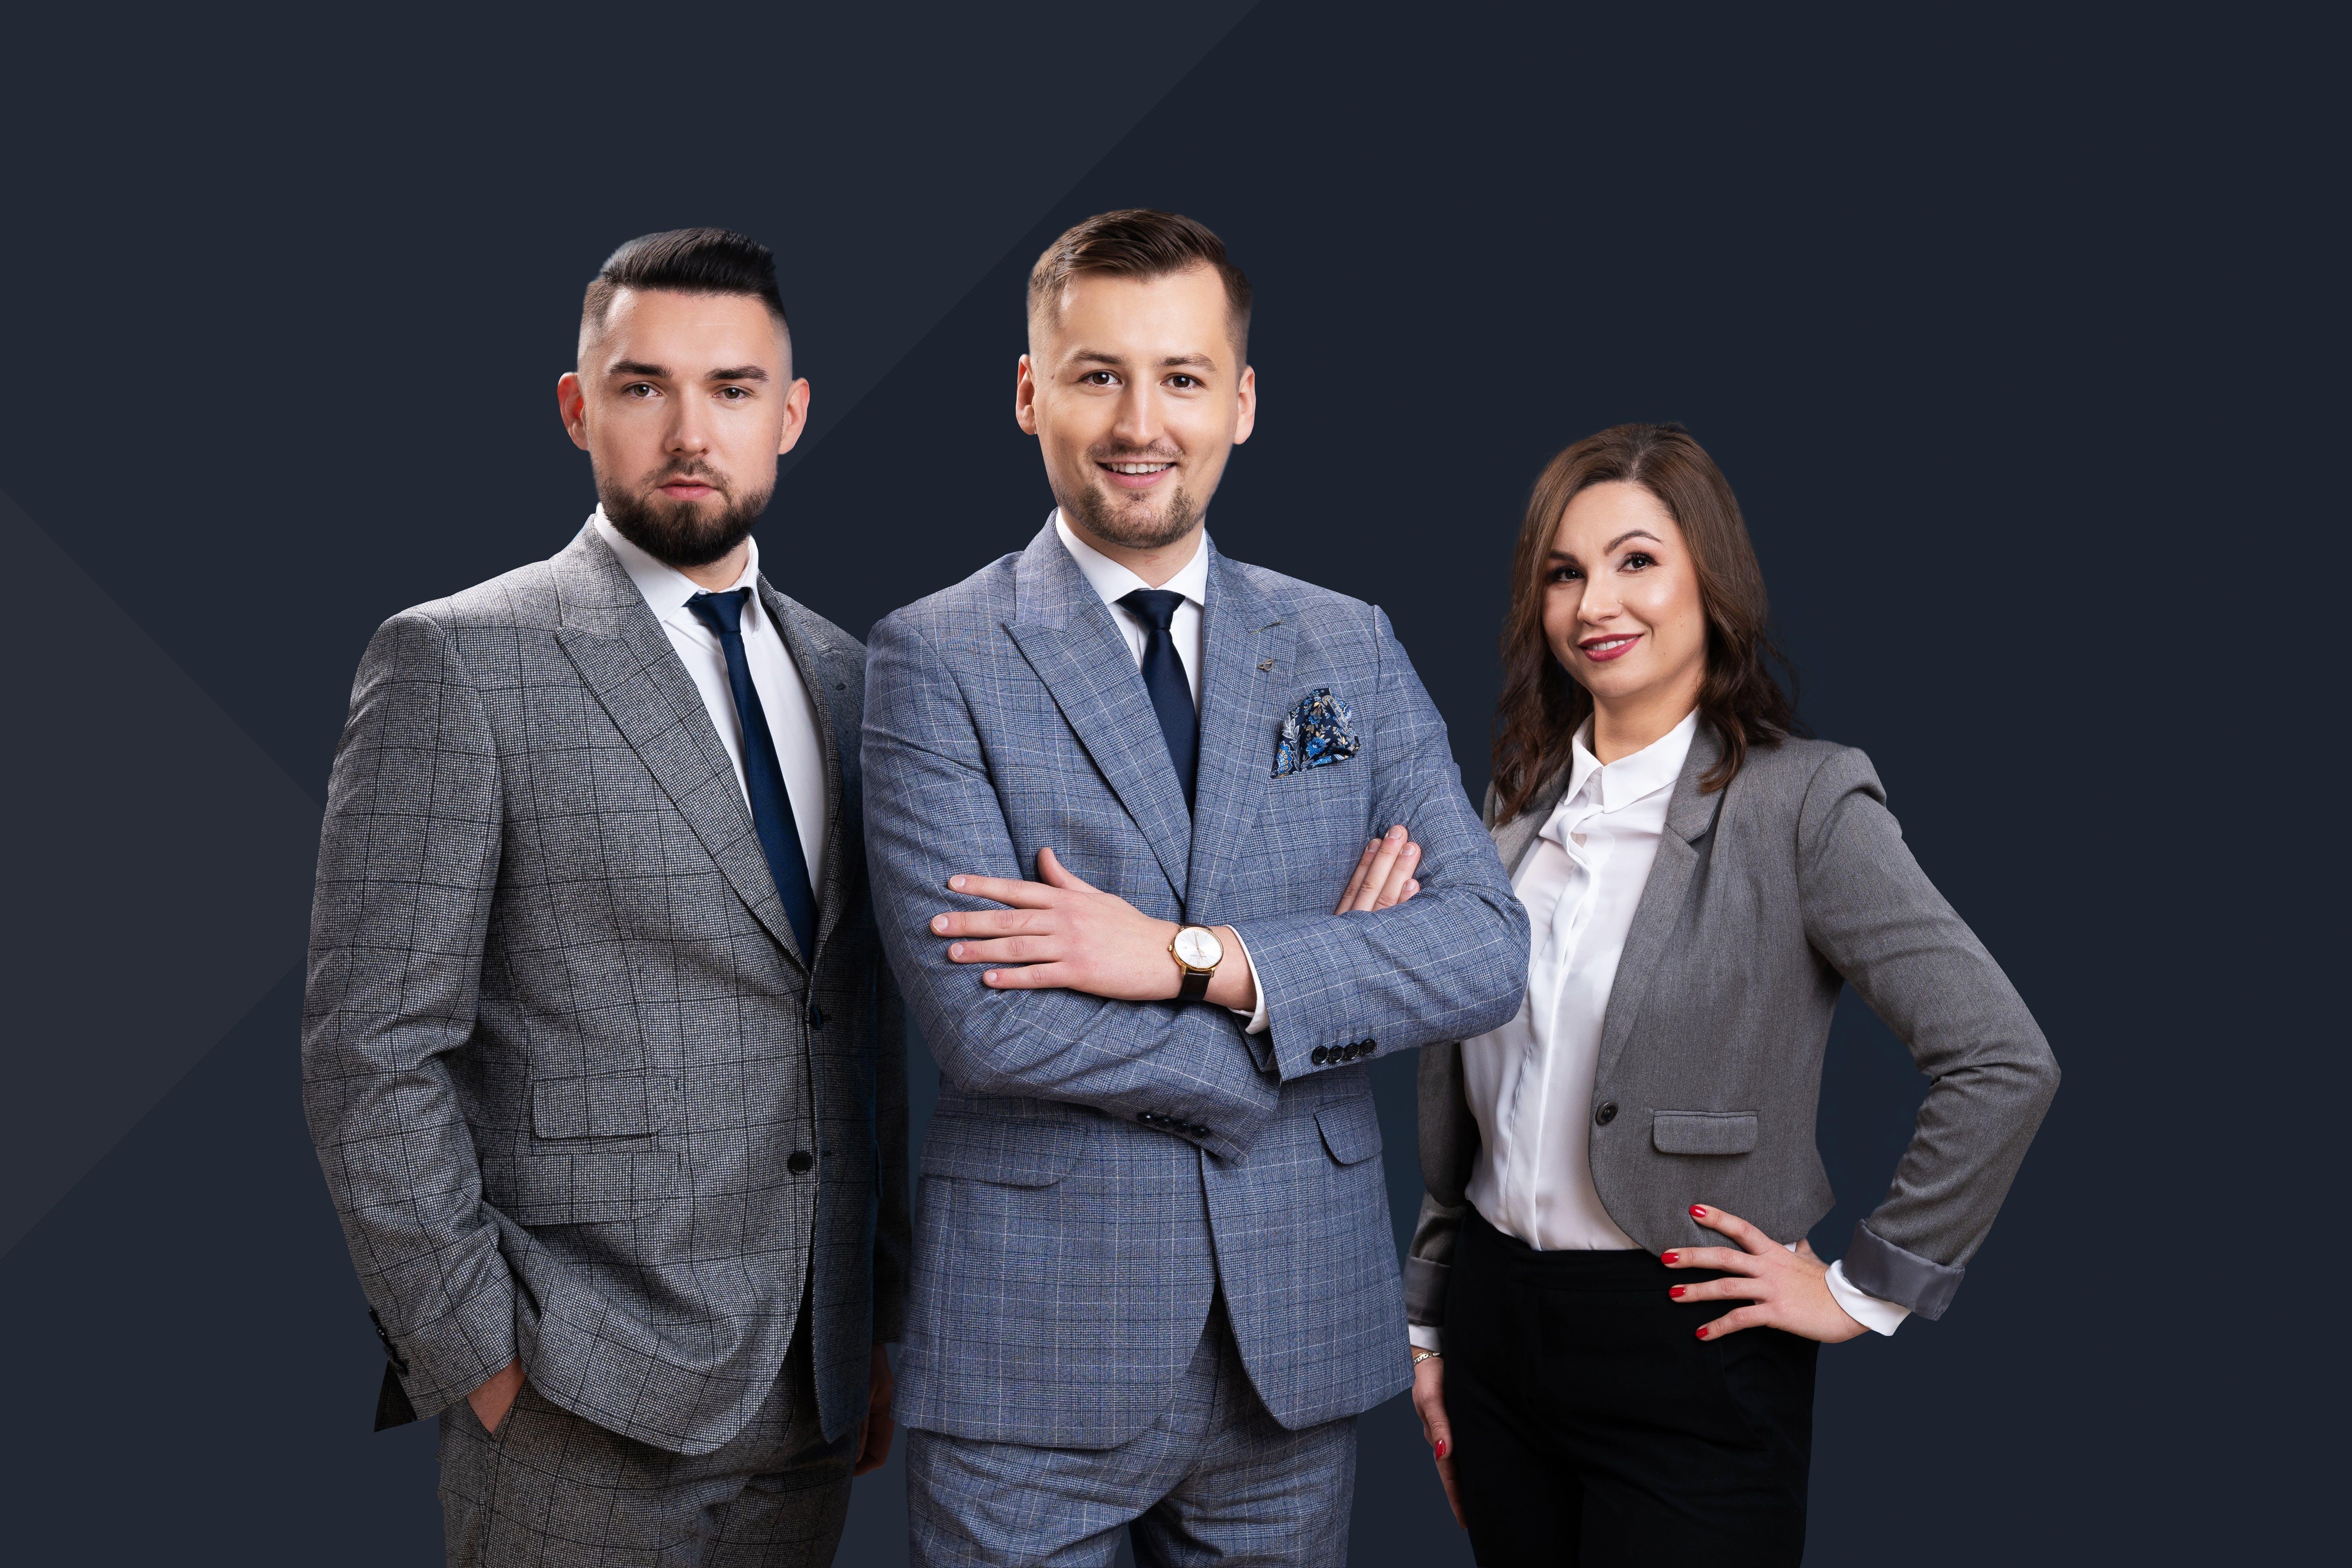 Lider Nieruchomości, województwo podkarpackie: Opaliński Nieruchomości